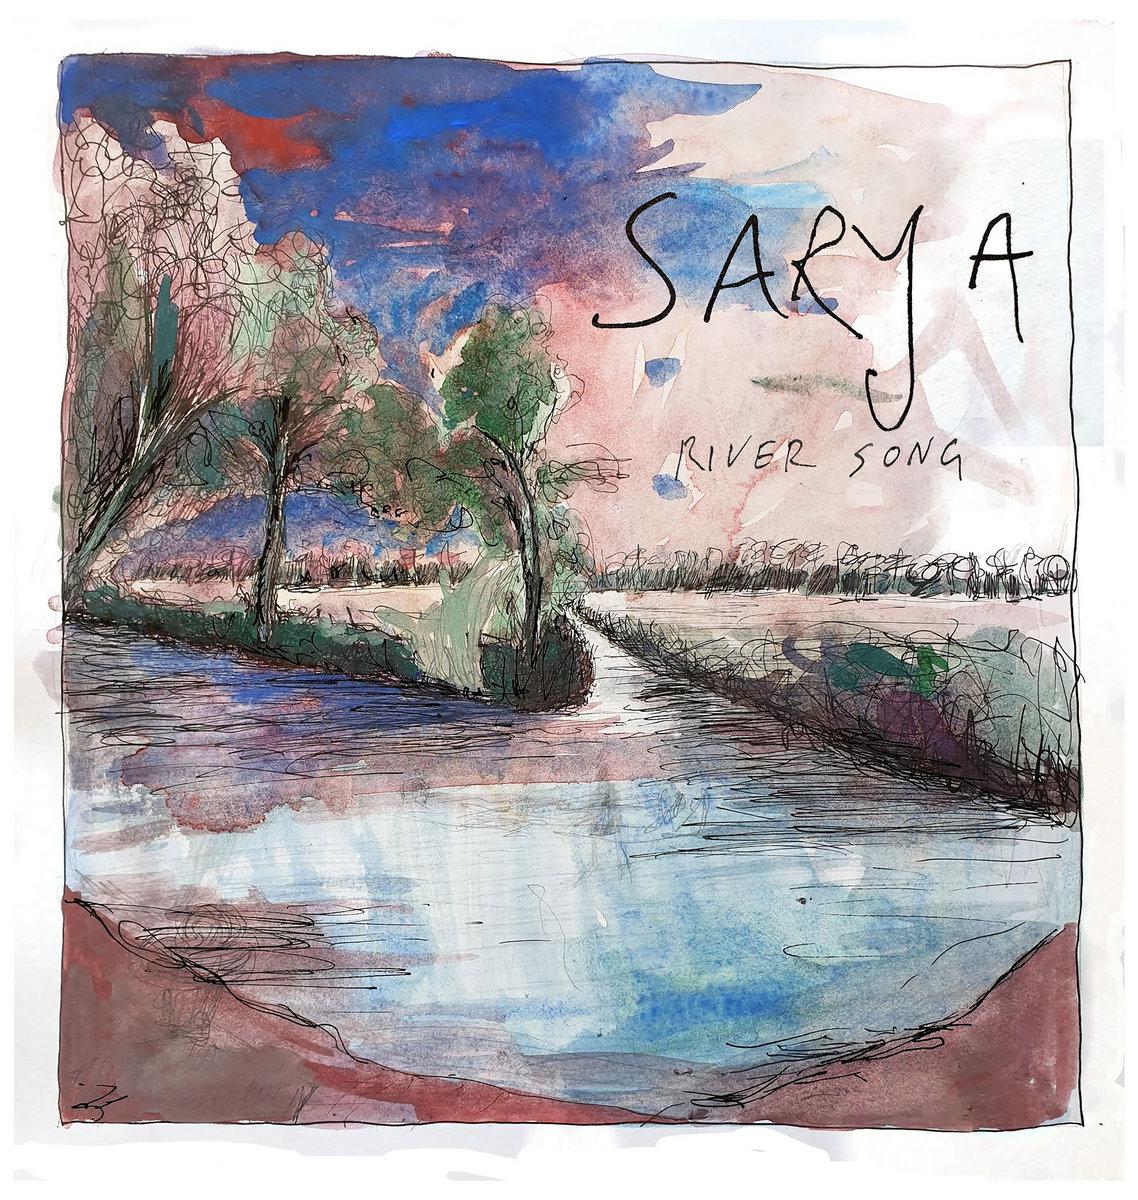 river song by sarya